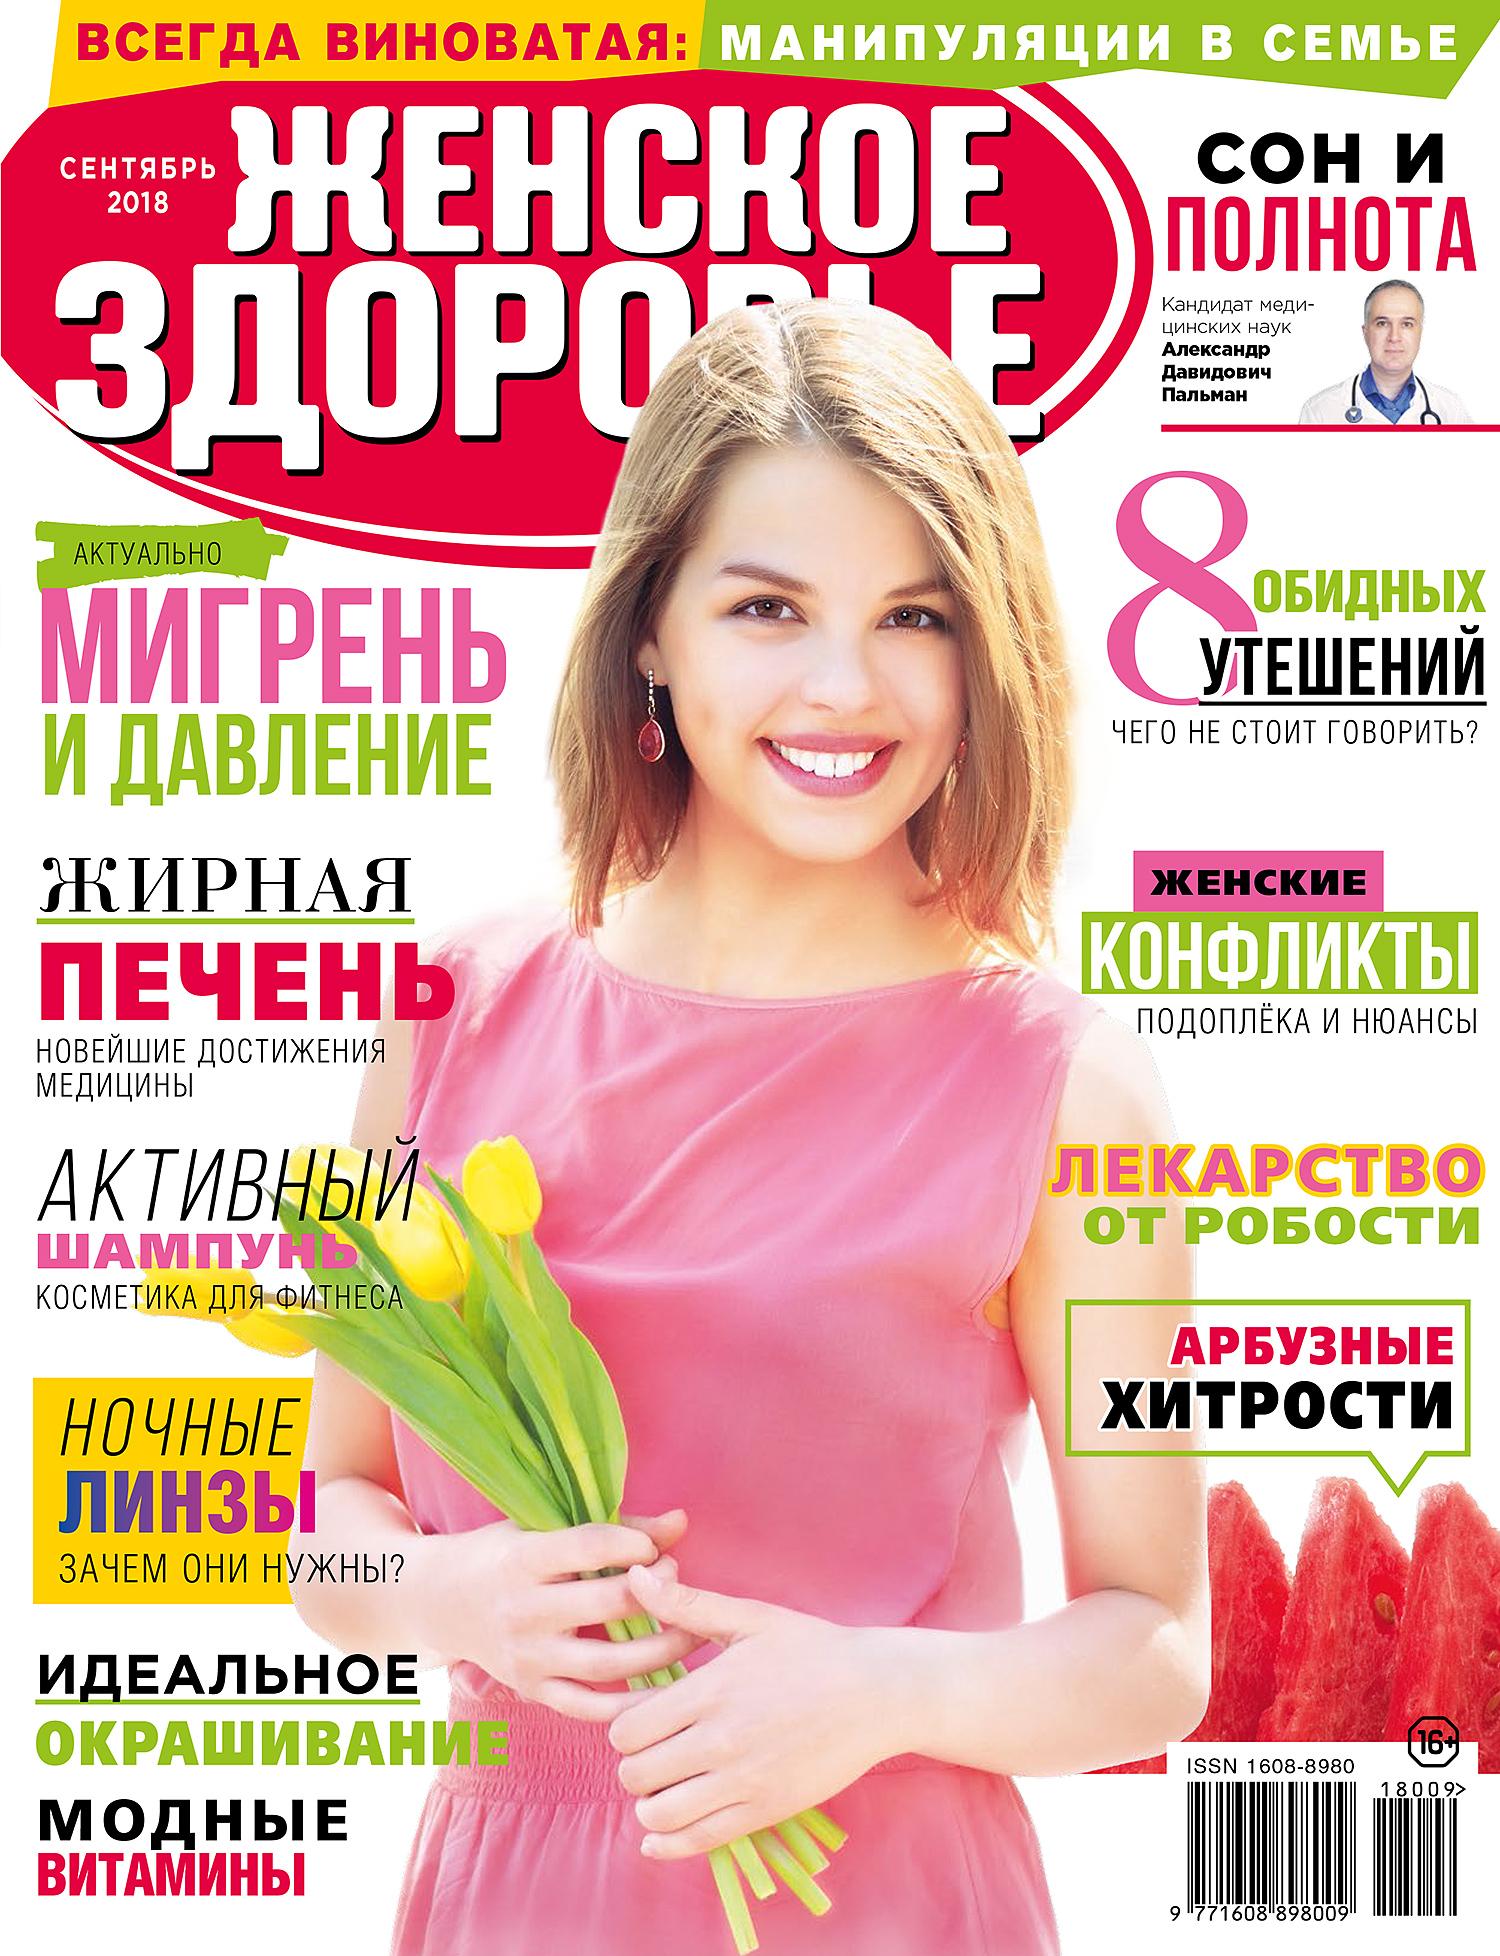 Женское здоровье. Сентябрь 2018